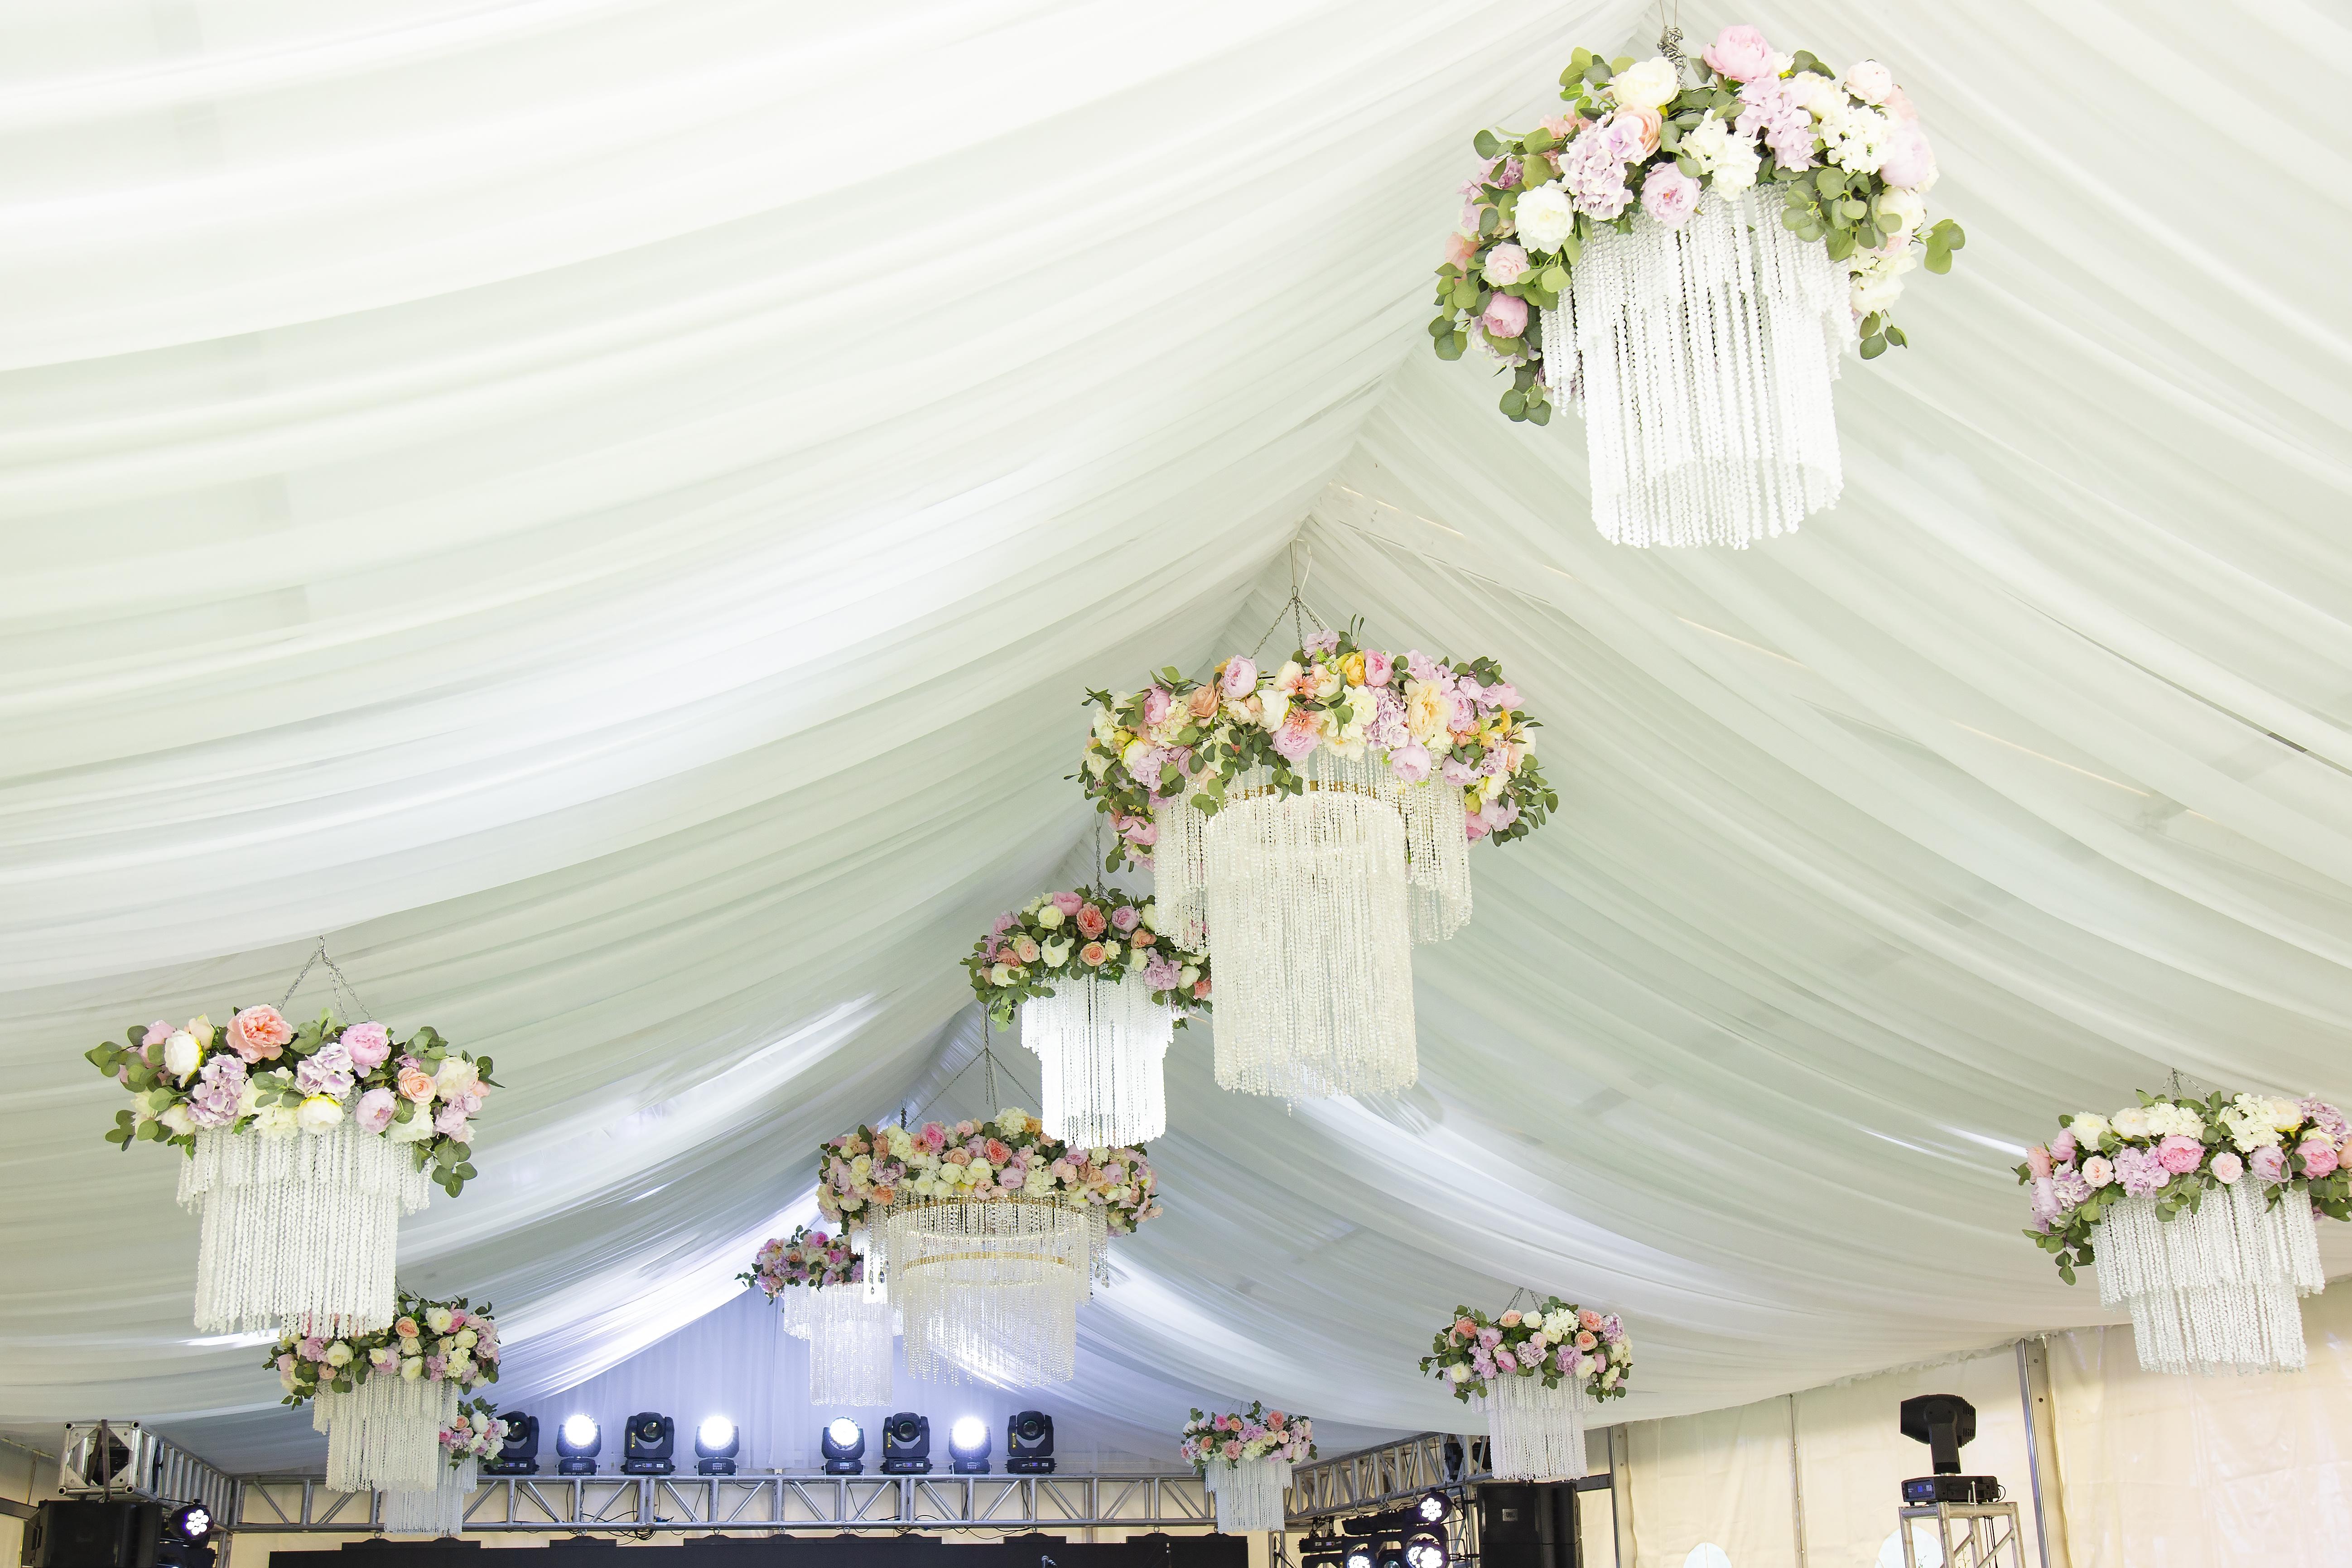 оформление декор свадьбы свадеб владивостокоформление декор свадьбы свадеб владивосток